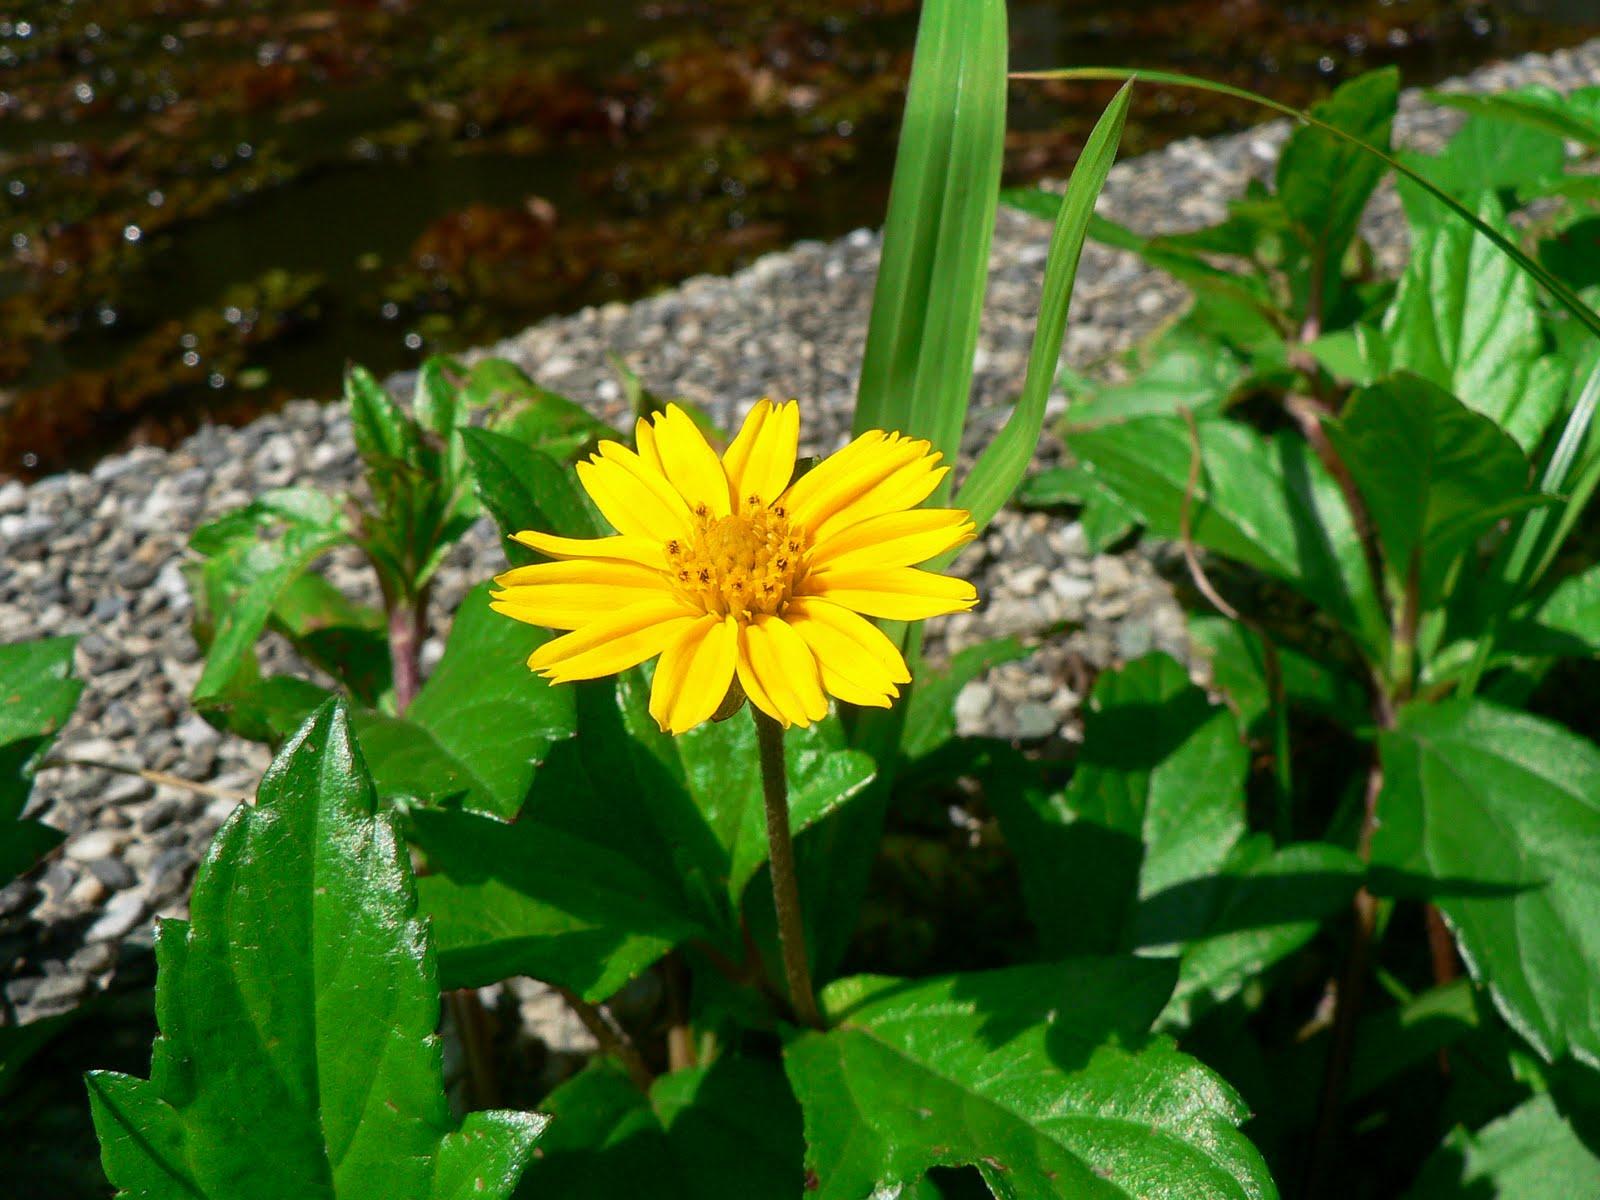 師大附中校園生物資訊網: 野生植物-雙子葉-菊科-南美蟛蜞菊